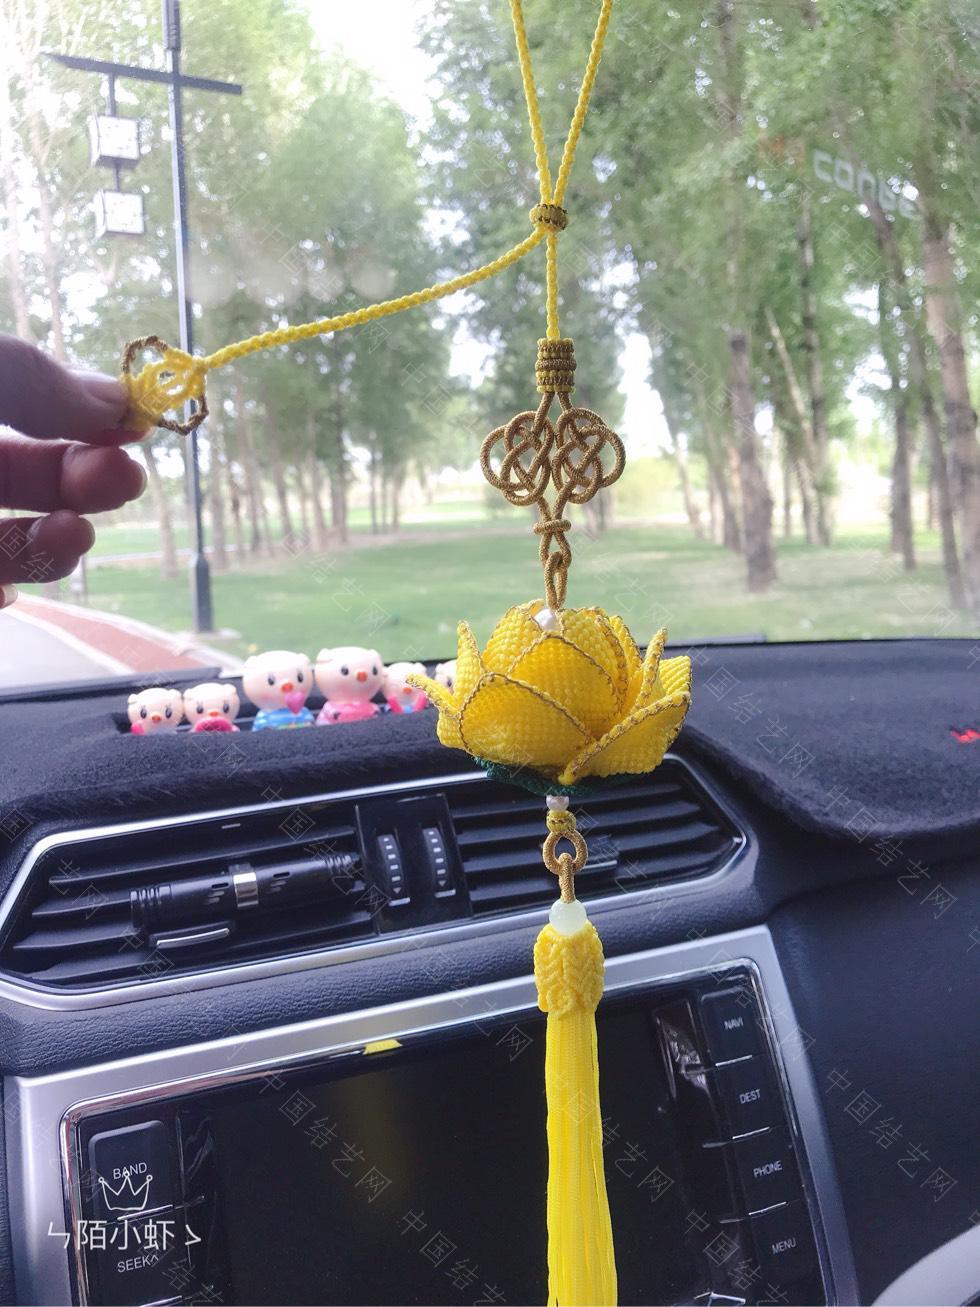 中国结论坛 车挂集合 集合,玩具车视频集合,车内一般挂什么最佳,集合上车通知 作品展示 122402d11h7r5w4nvn17z4